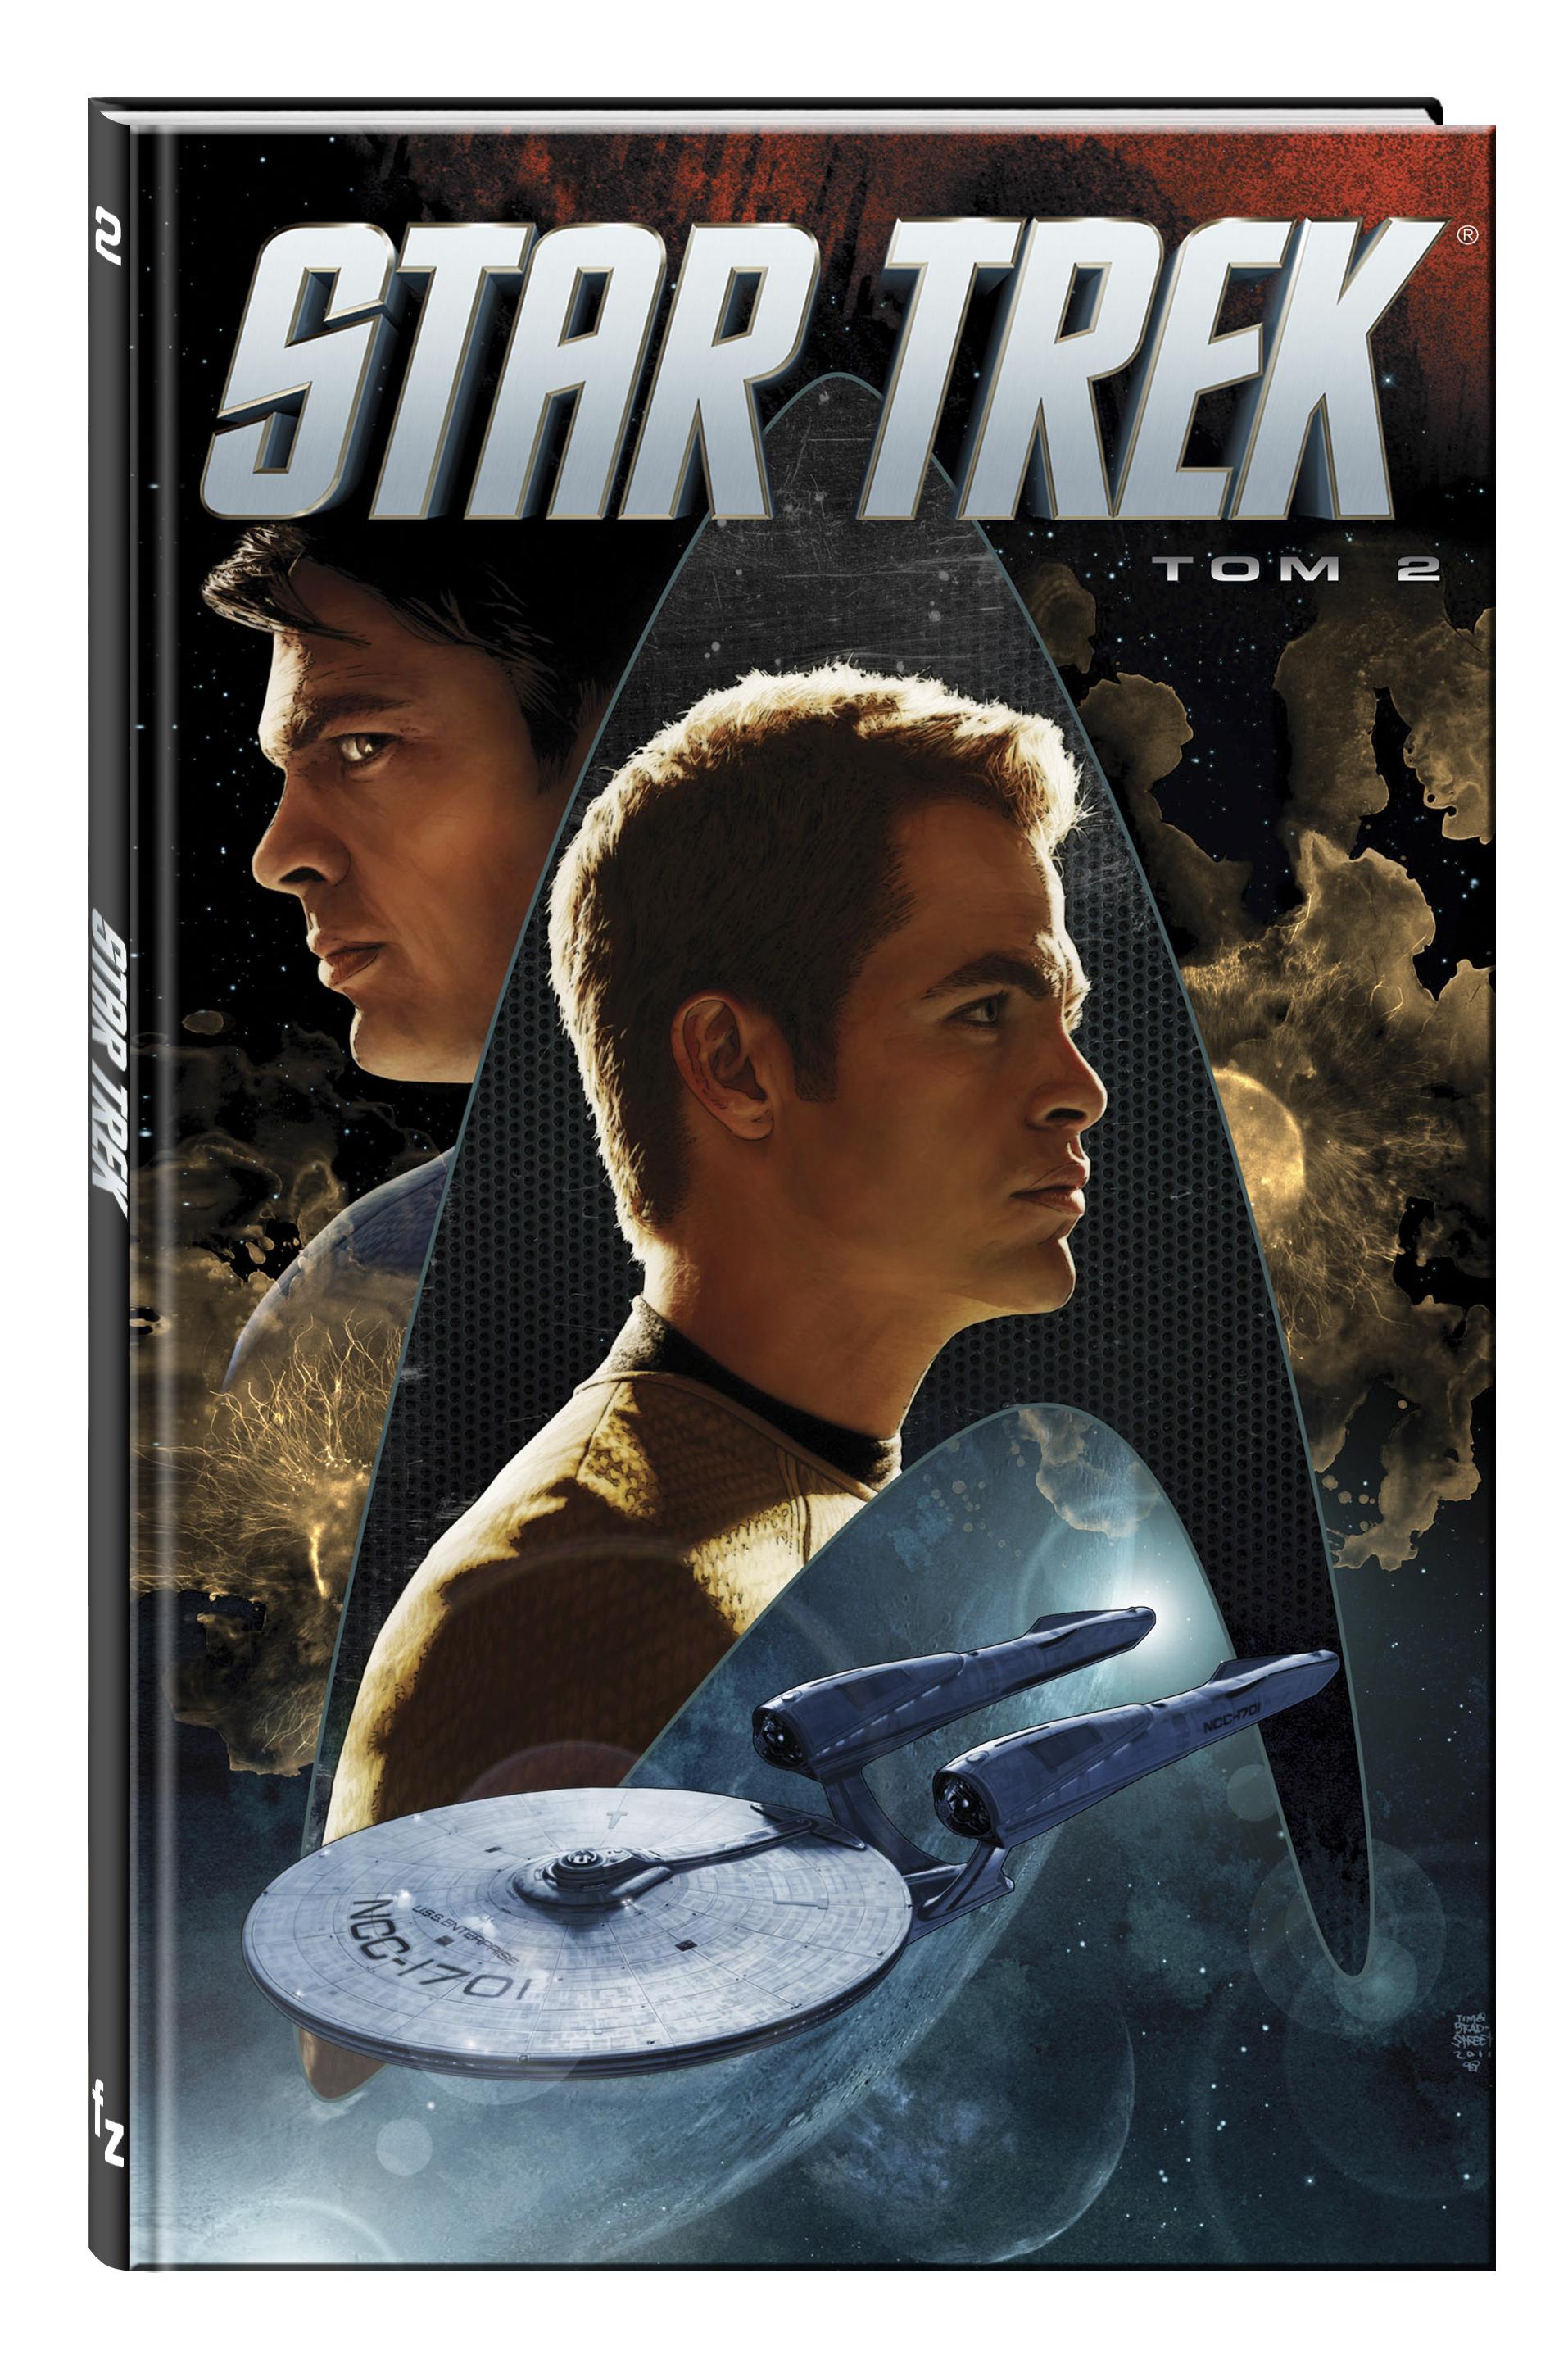 Джонсон М. Стартрек / Star Trek. Том 2 цена и фото